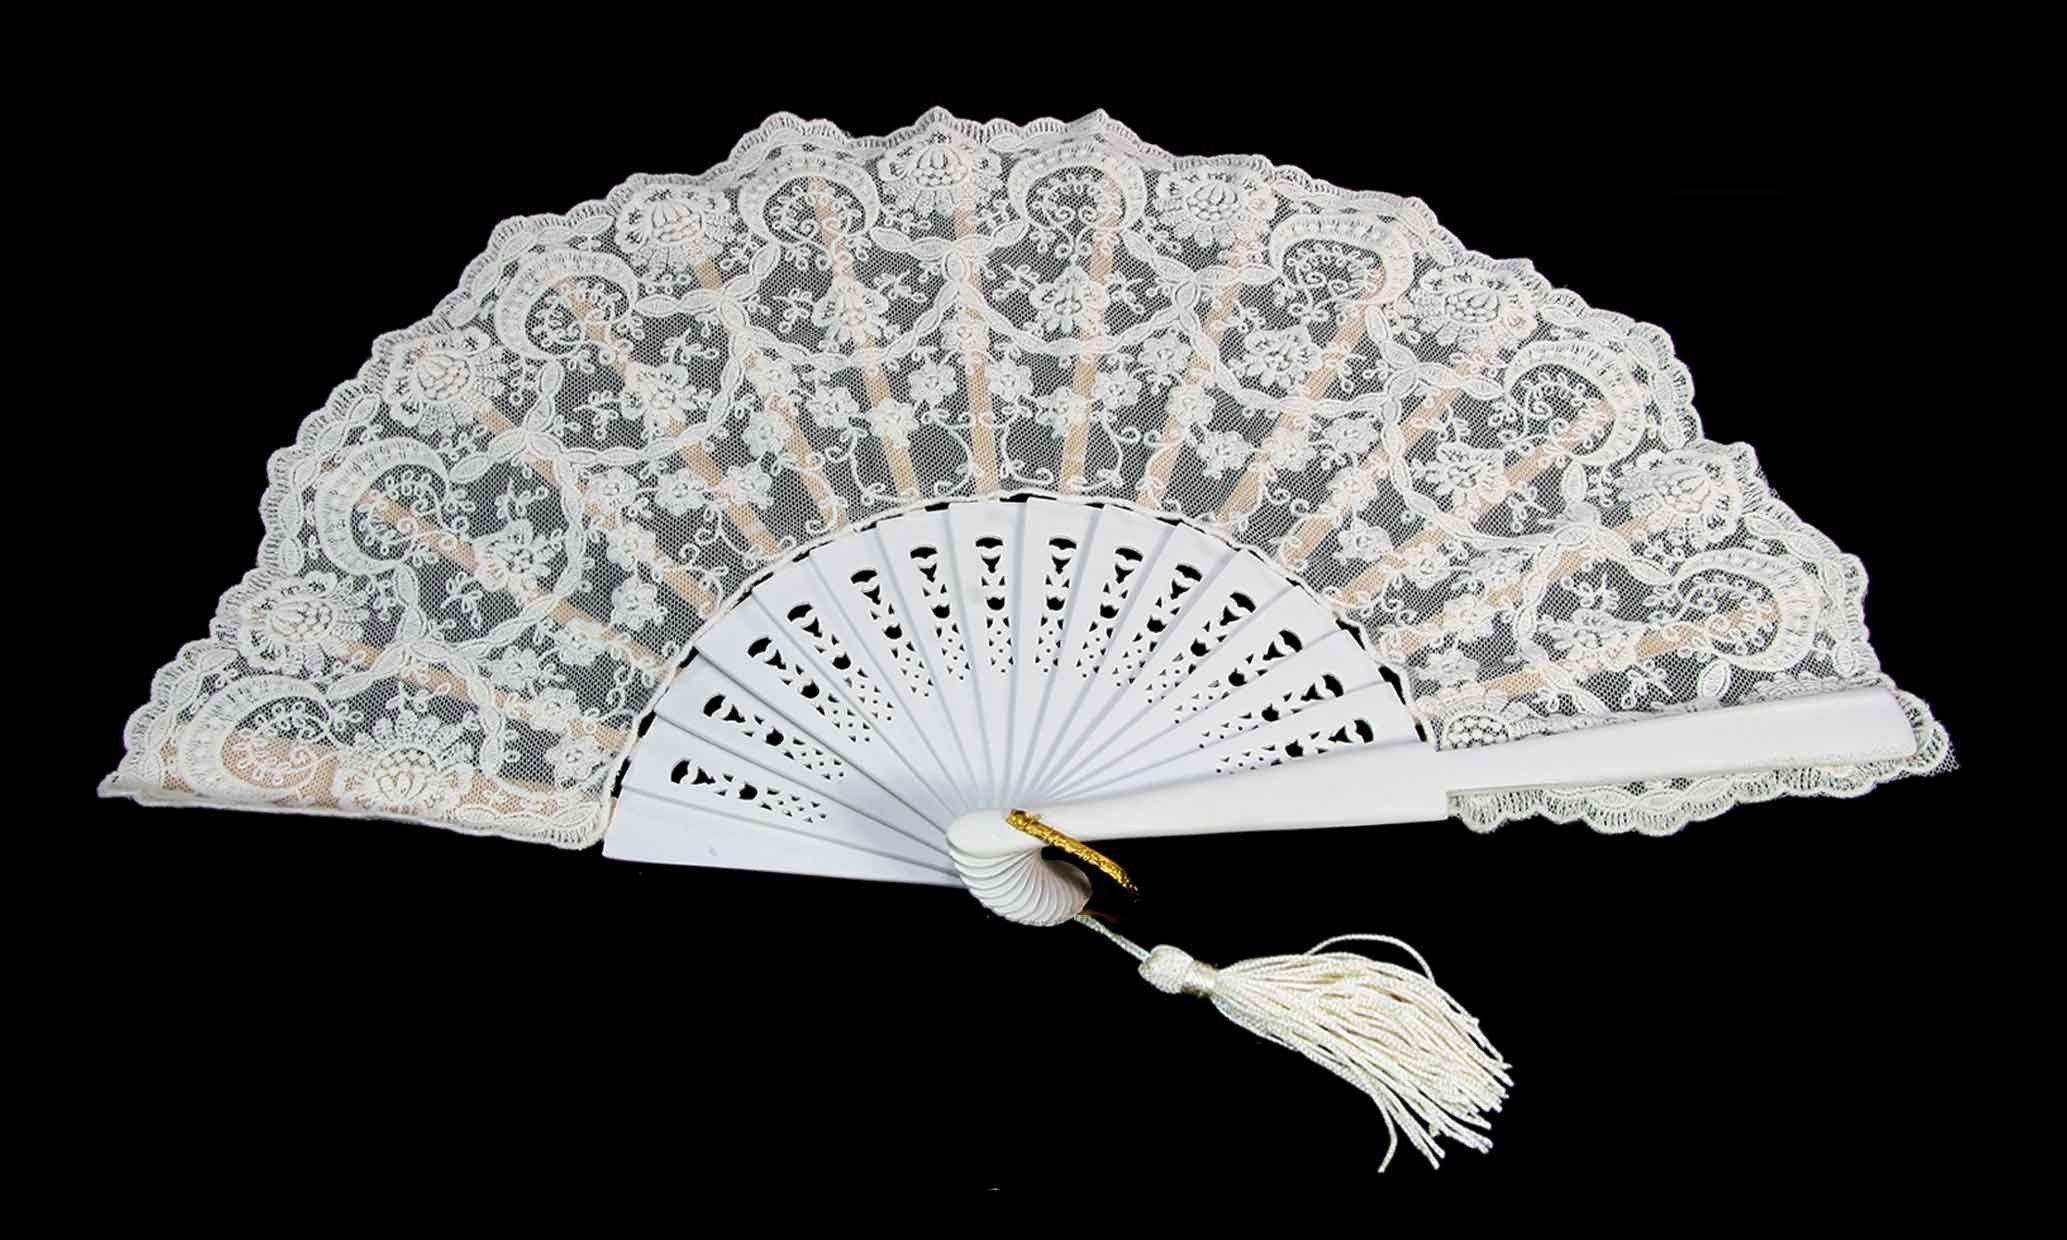 El uso de parasoles, abanicos y antifaces para evocar la imagen teatral característica del barroco.